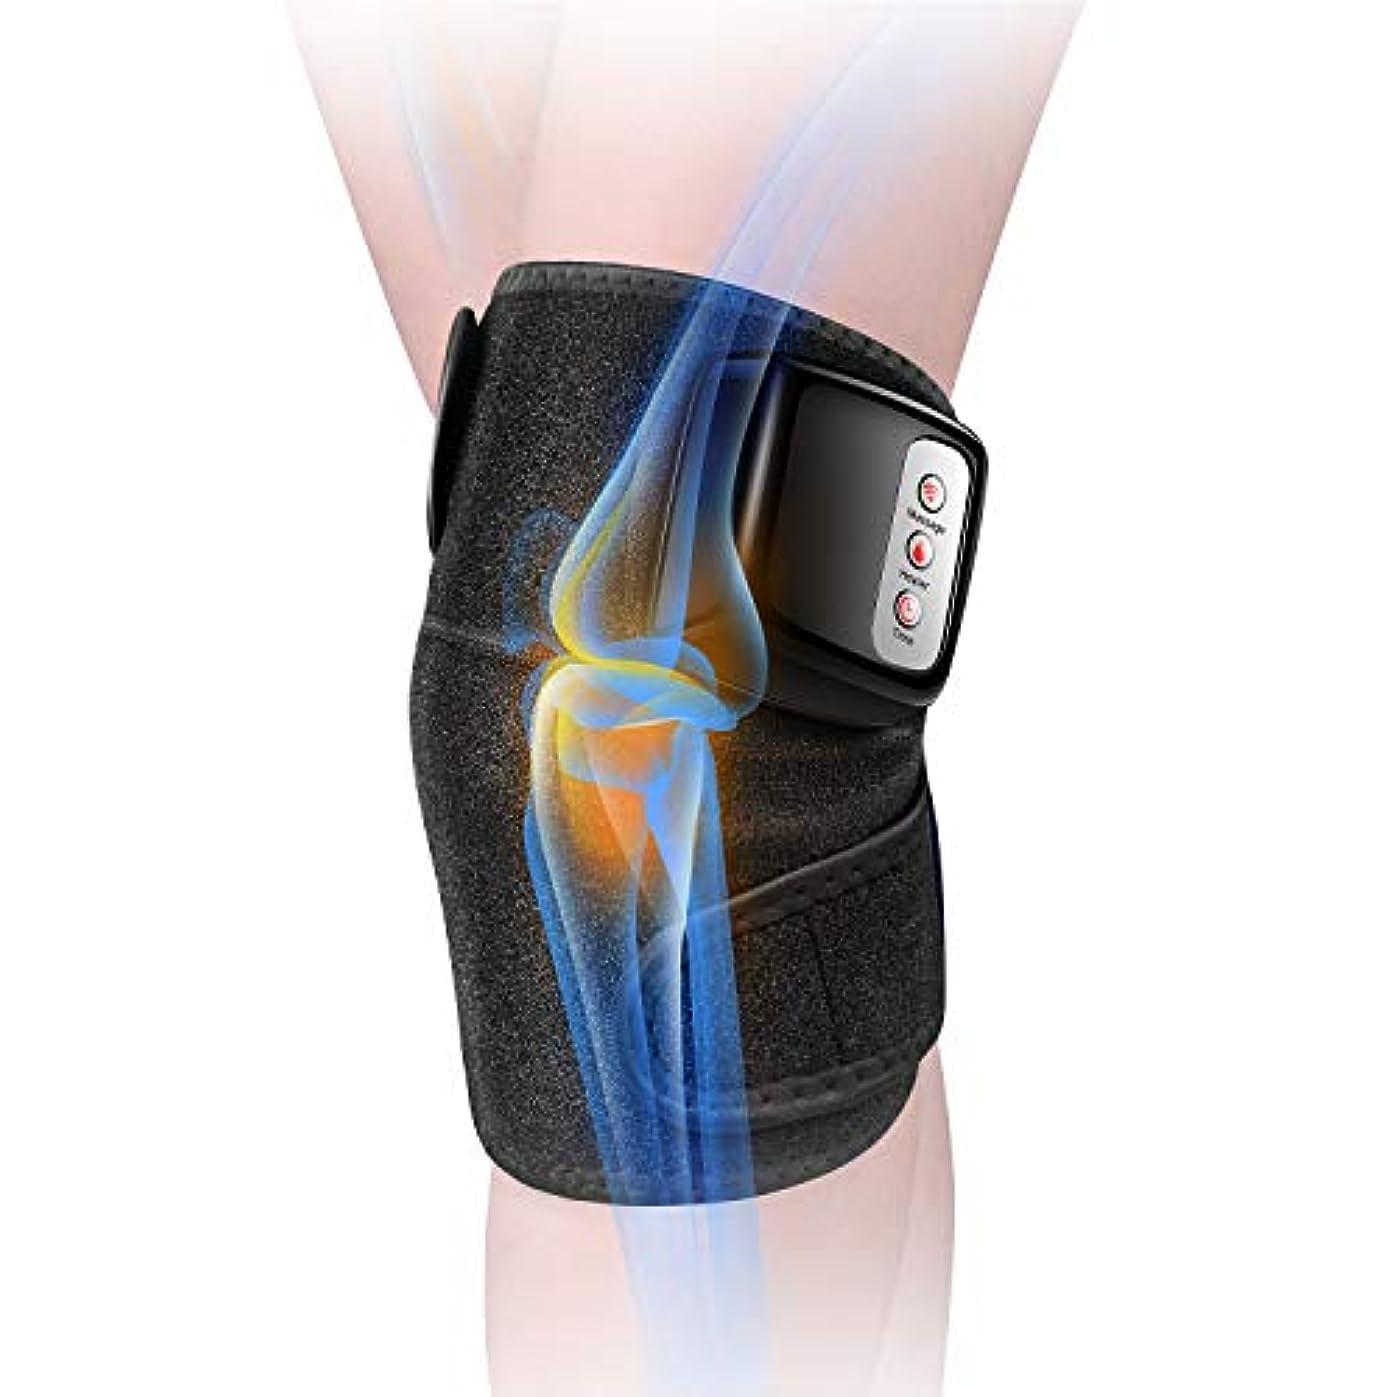 連隊飼料教膝マッサージャー 関節マッサージャー マッサージ器 フットマッサージャー 振動 赤外線療法 温熱療法 膝サポーター ストレス解消 肩 太もも/腕対応